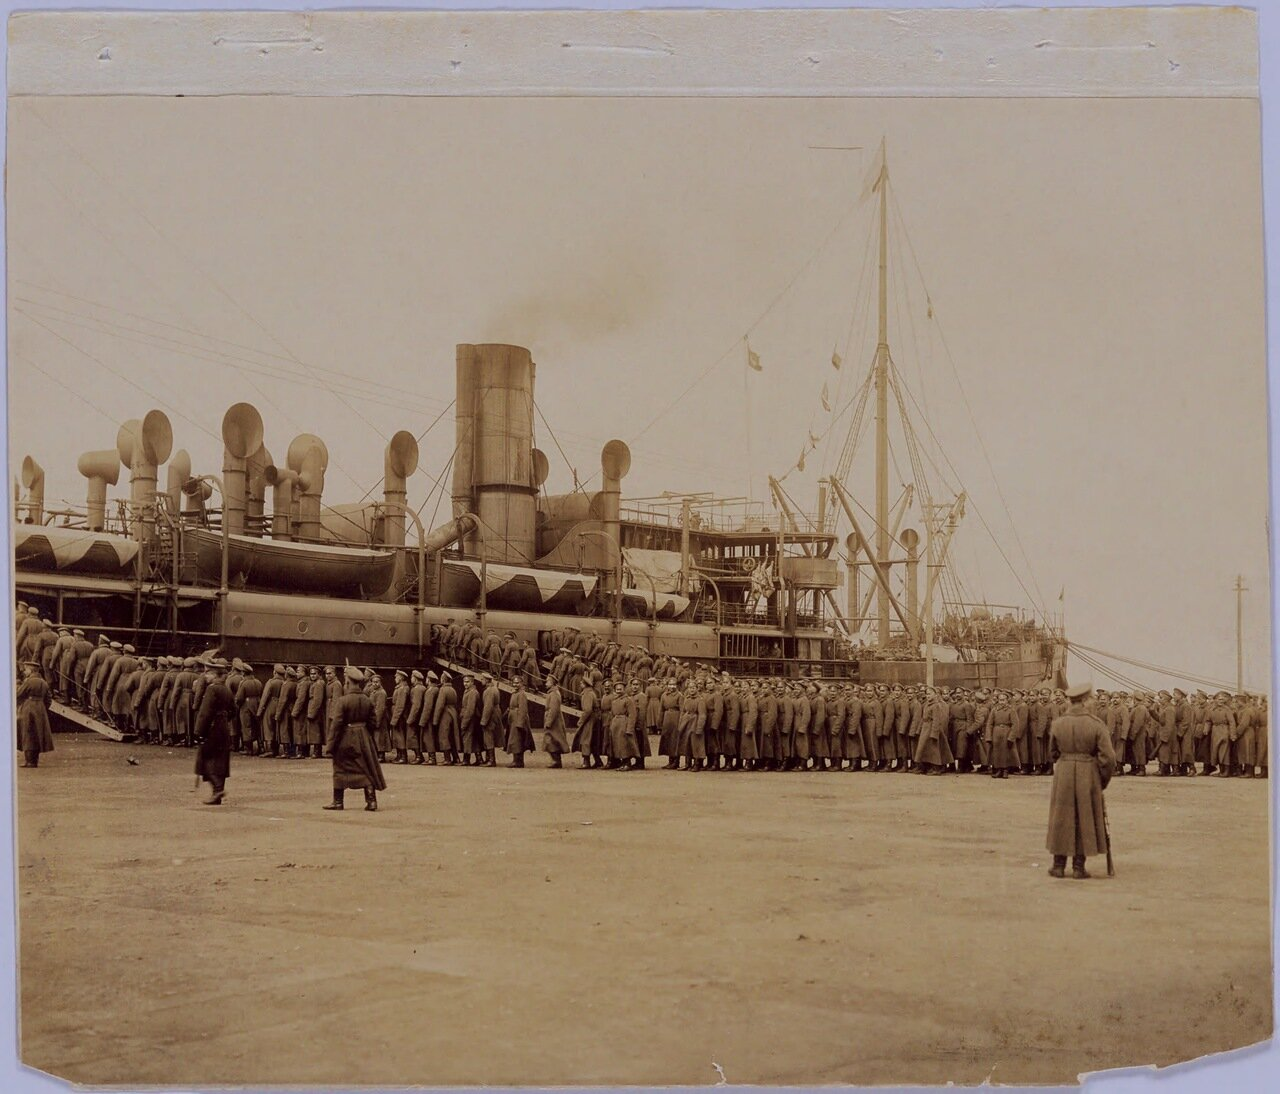 Параход Гималаи. Погрузка на борт. Около 8,700 офицеров и солдат Русской Армии были отправлены между 24 февралем и 18 марта из Чанчуня в Далянь